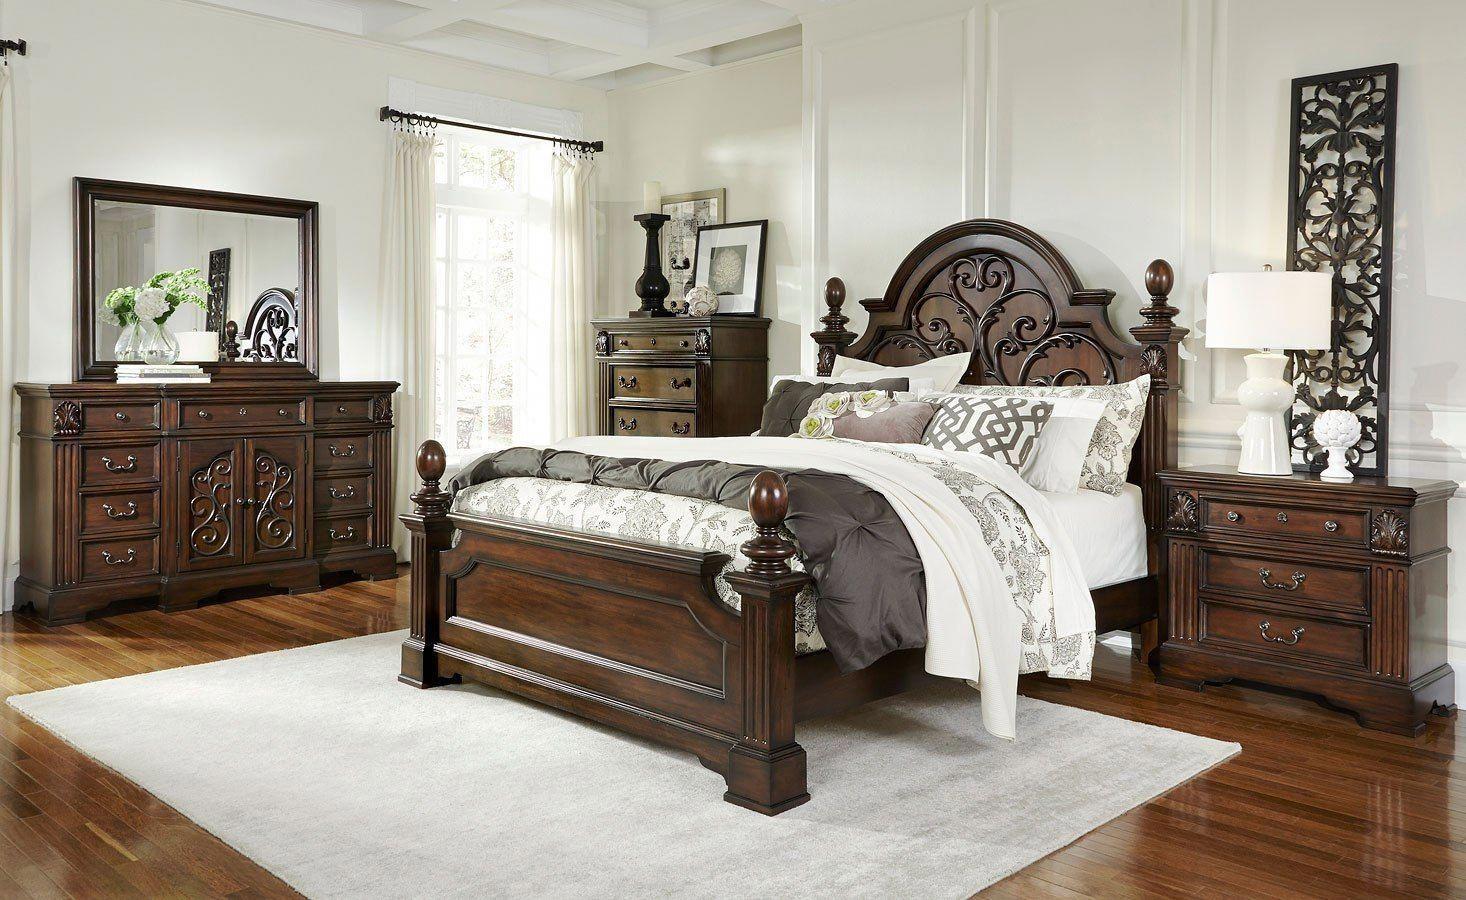 Bedroom Set Queen 5 Pieces Furnituresemarang Bedroomsets In 2020